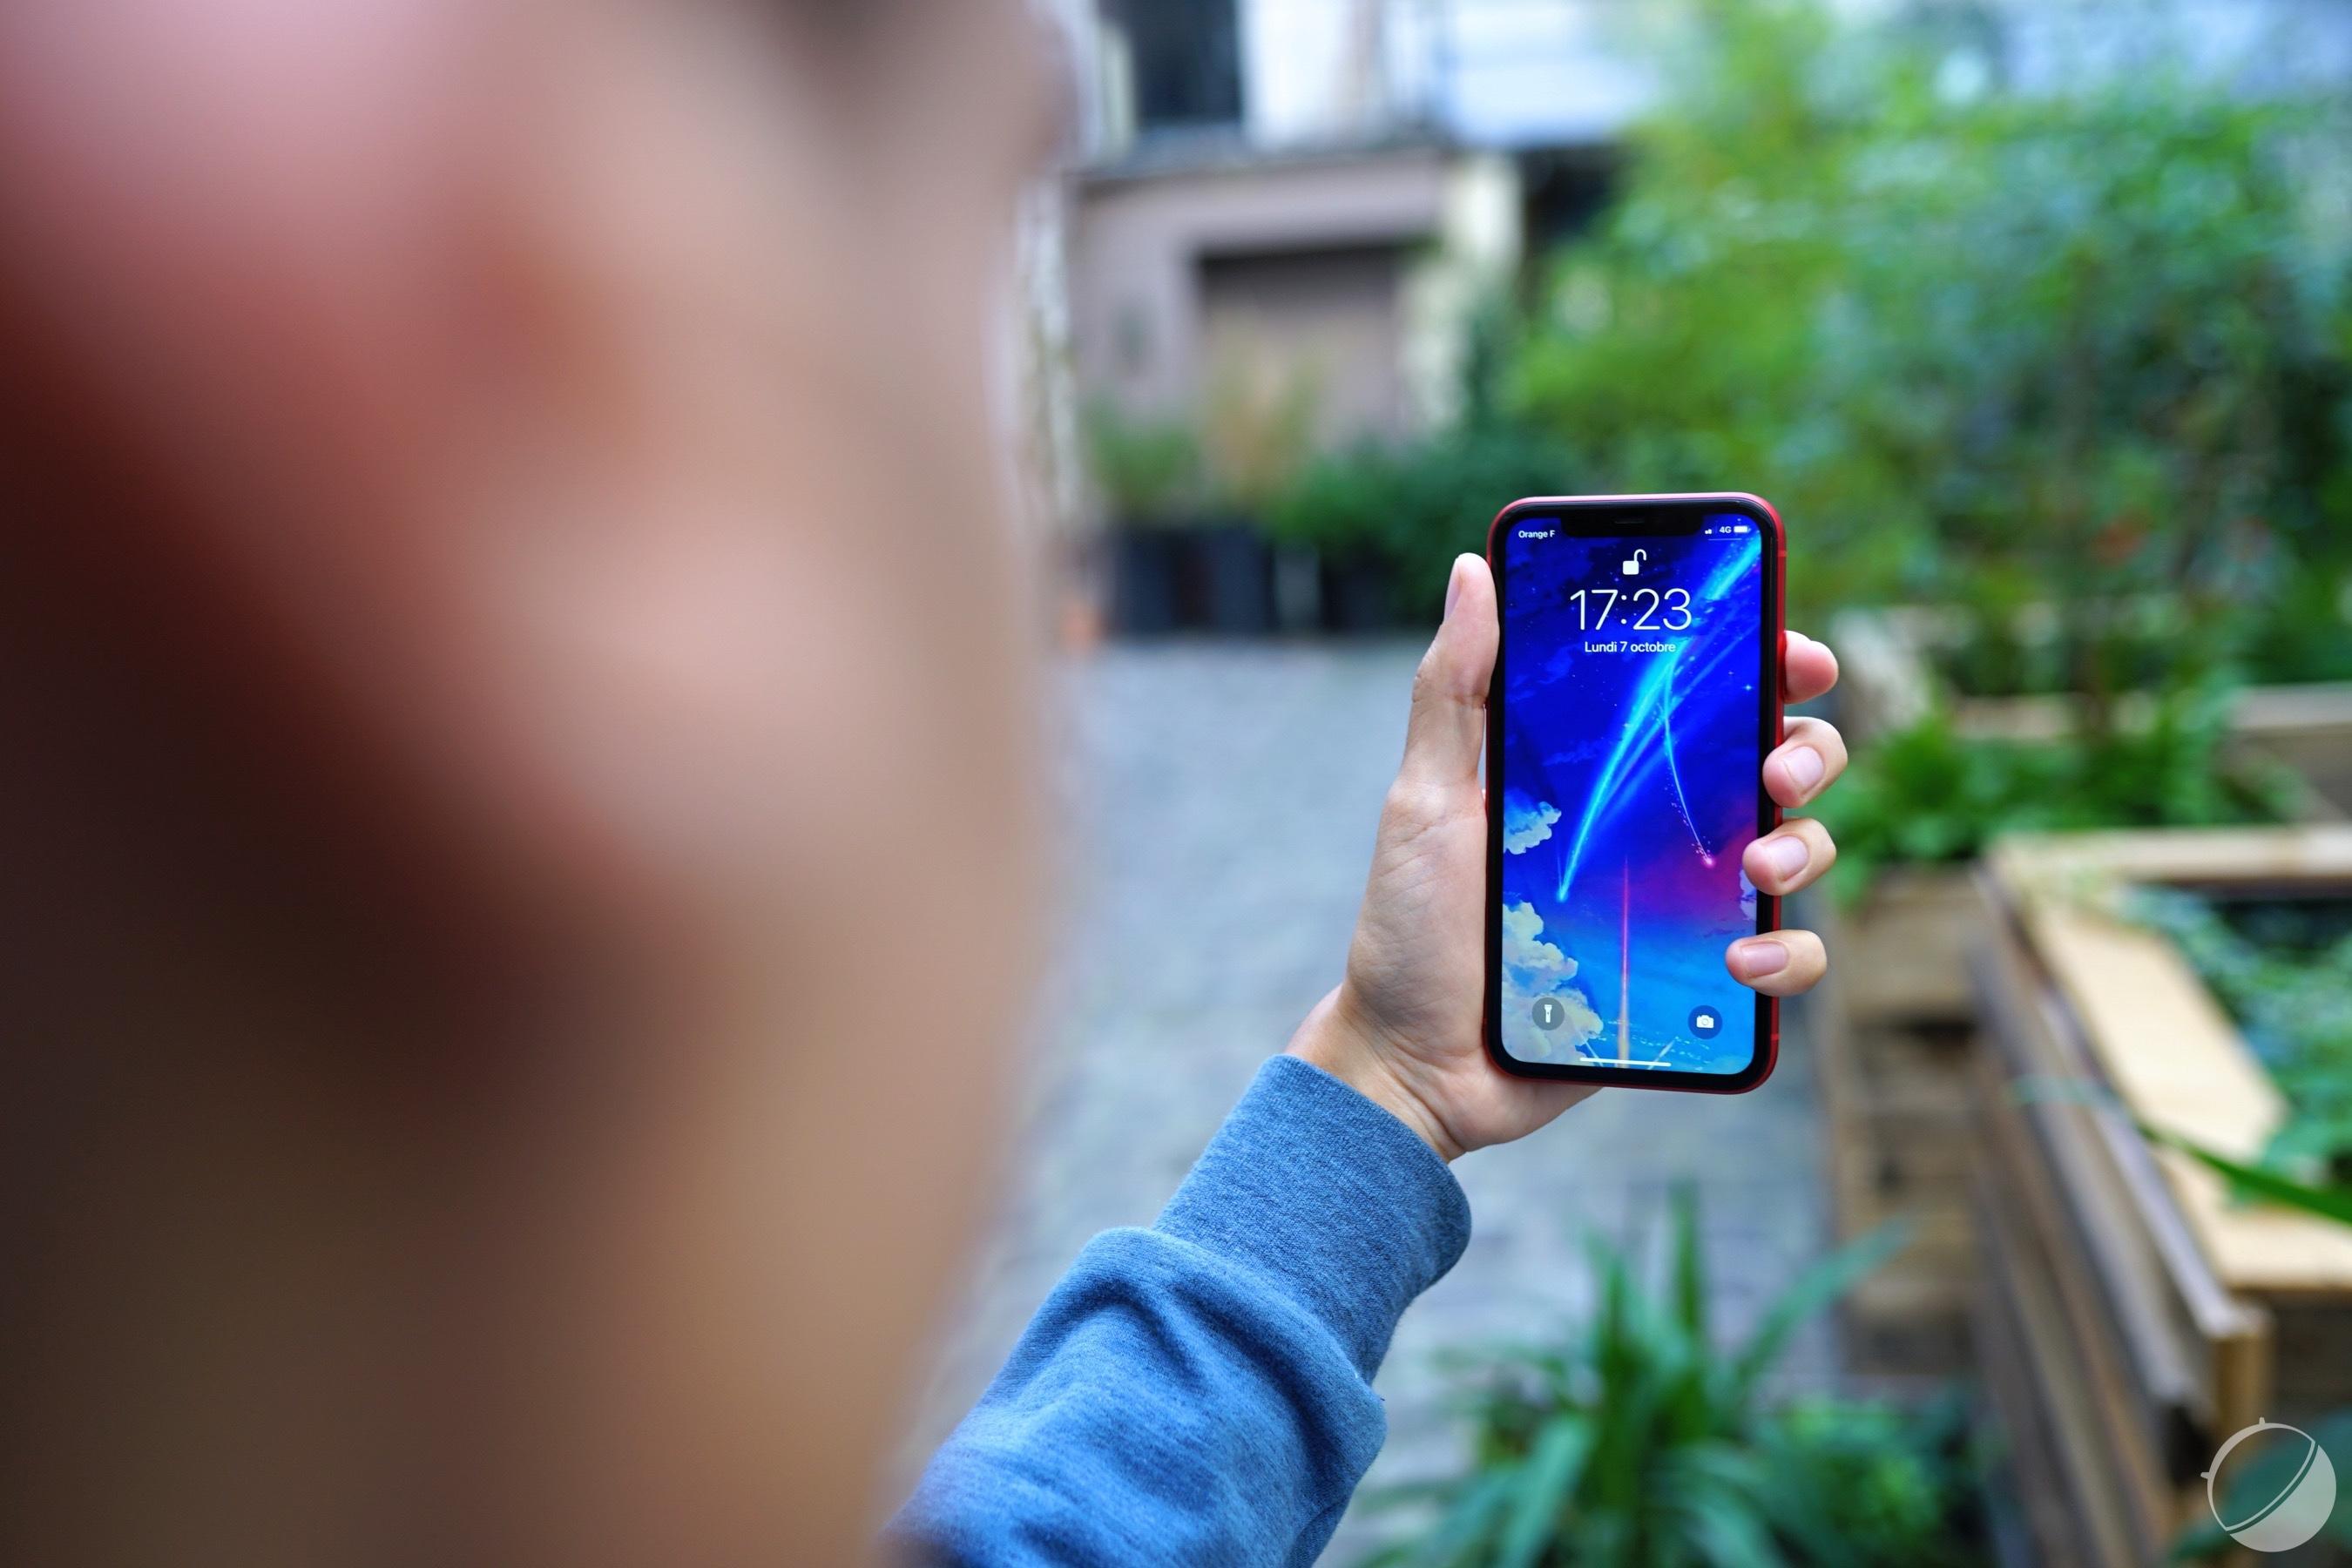 Les 3 meilleurs smartphones de novembre 2019 sur FrAndroid